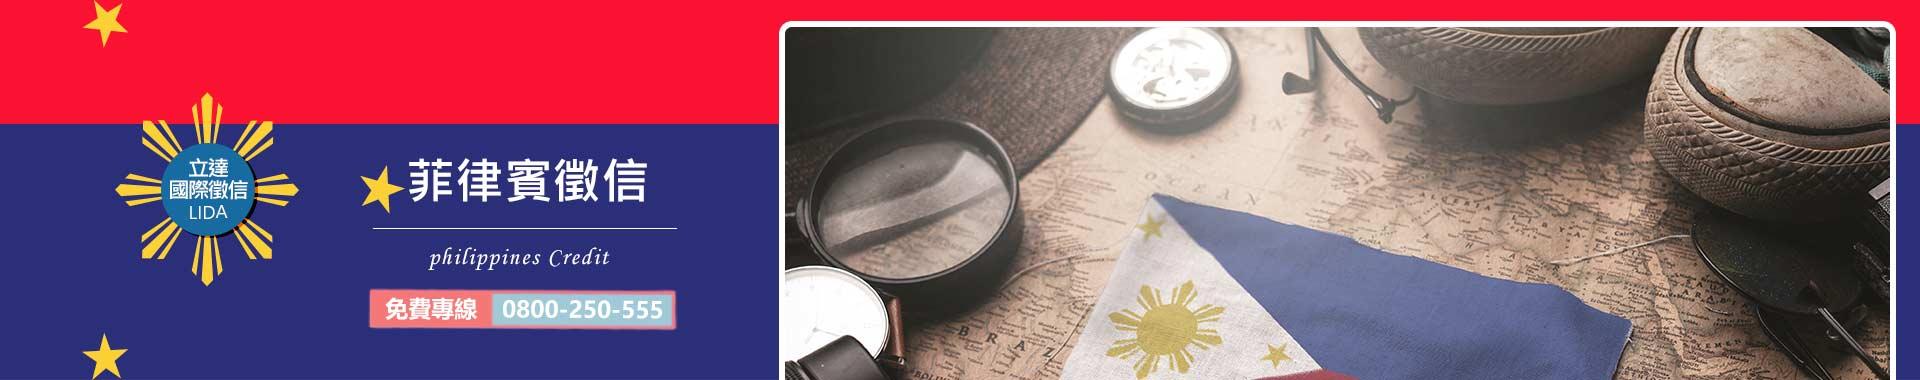 菲律賓徵信社